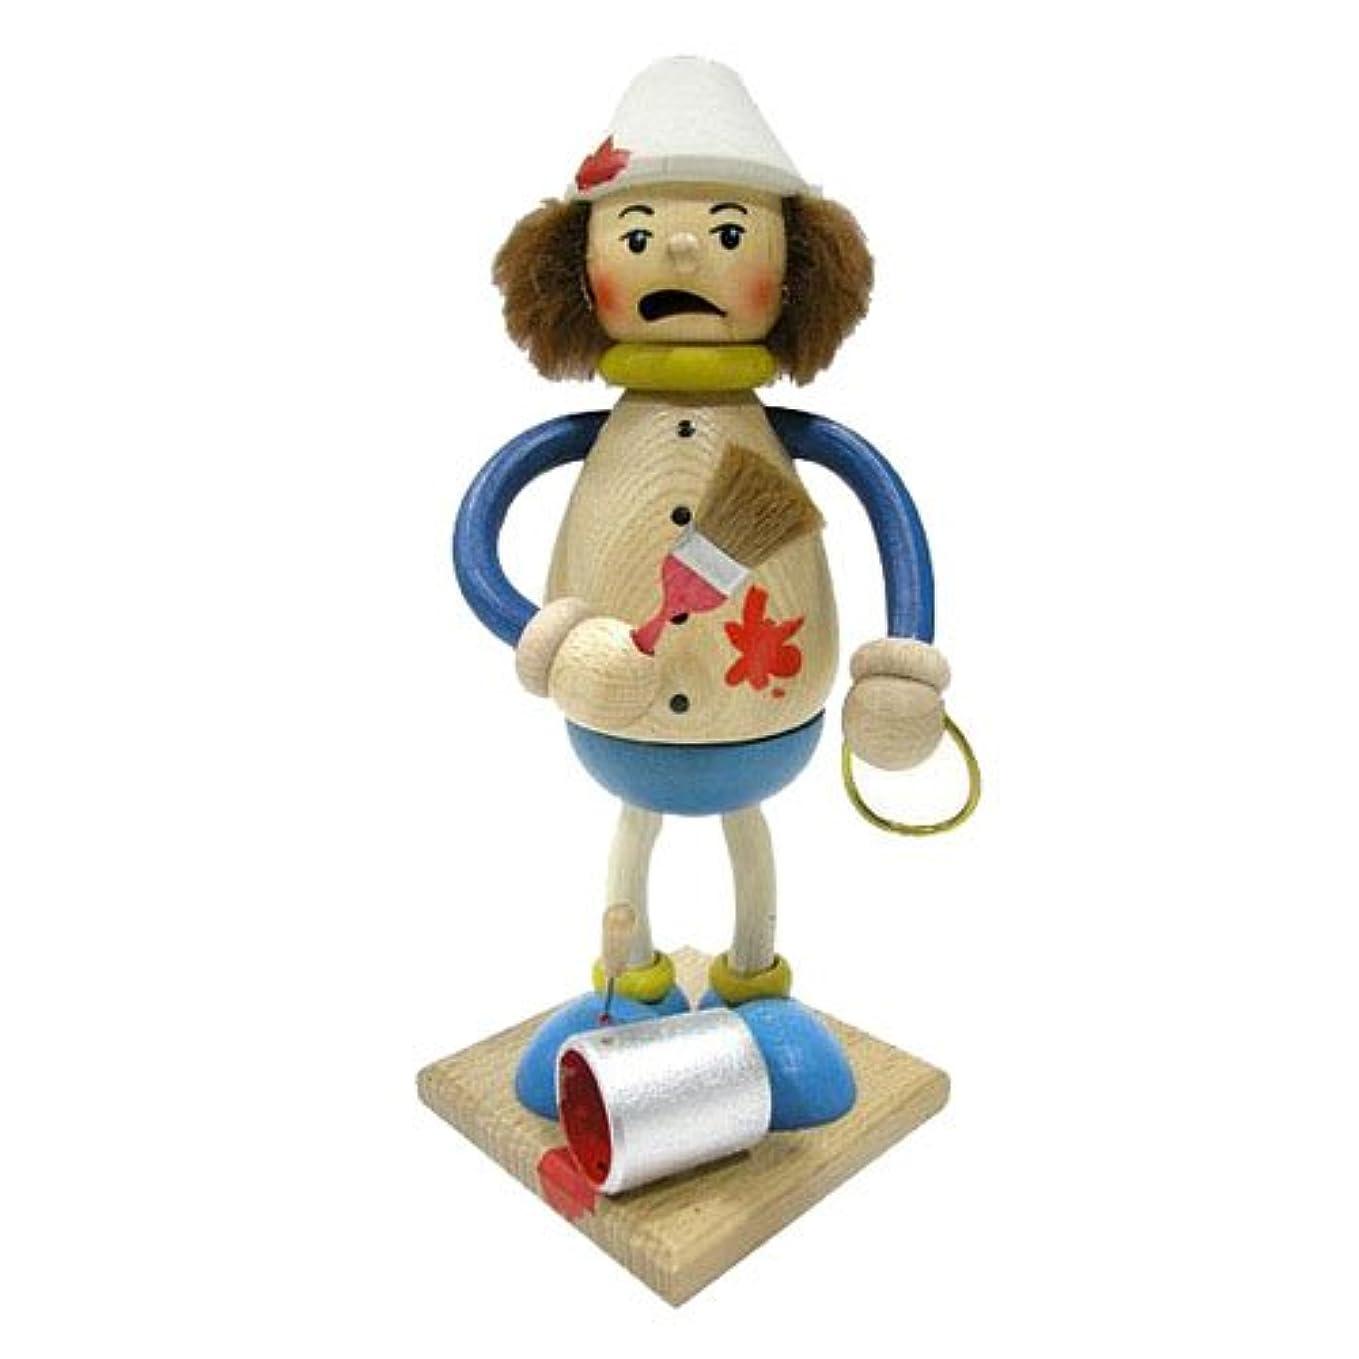 利点よく話される無39095 Kuhnert(クーネルト) ミニパイプ人形香炉 ペインター